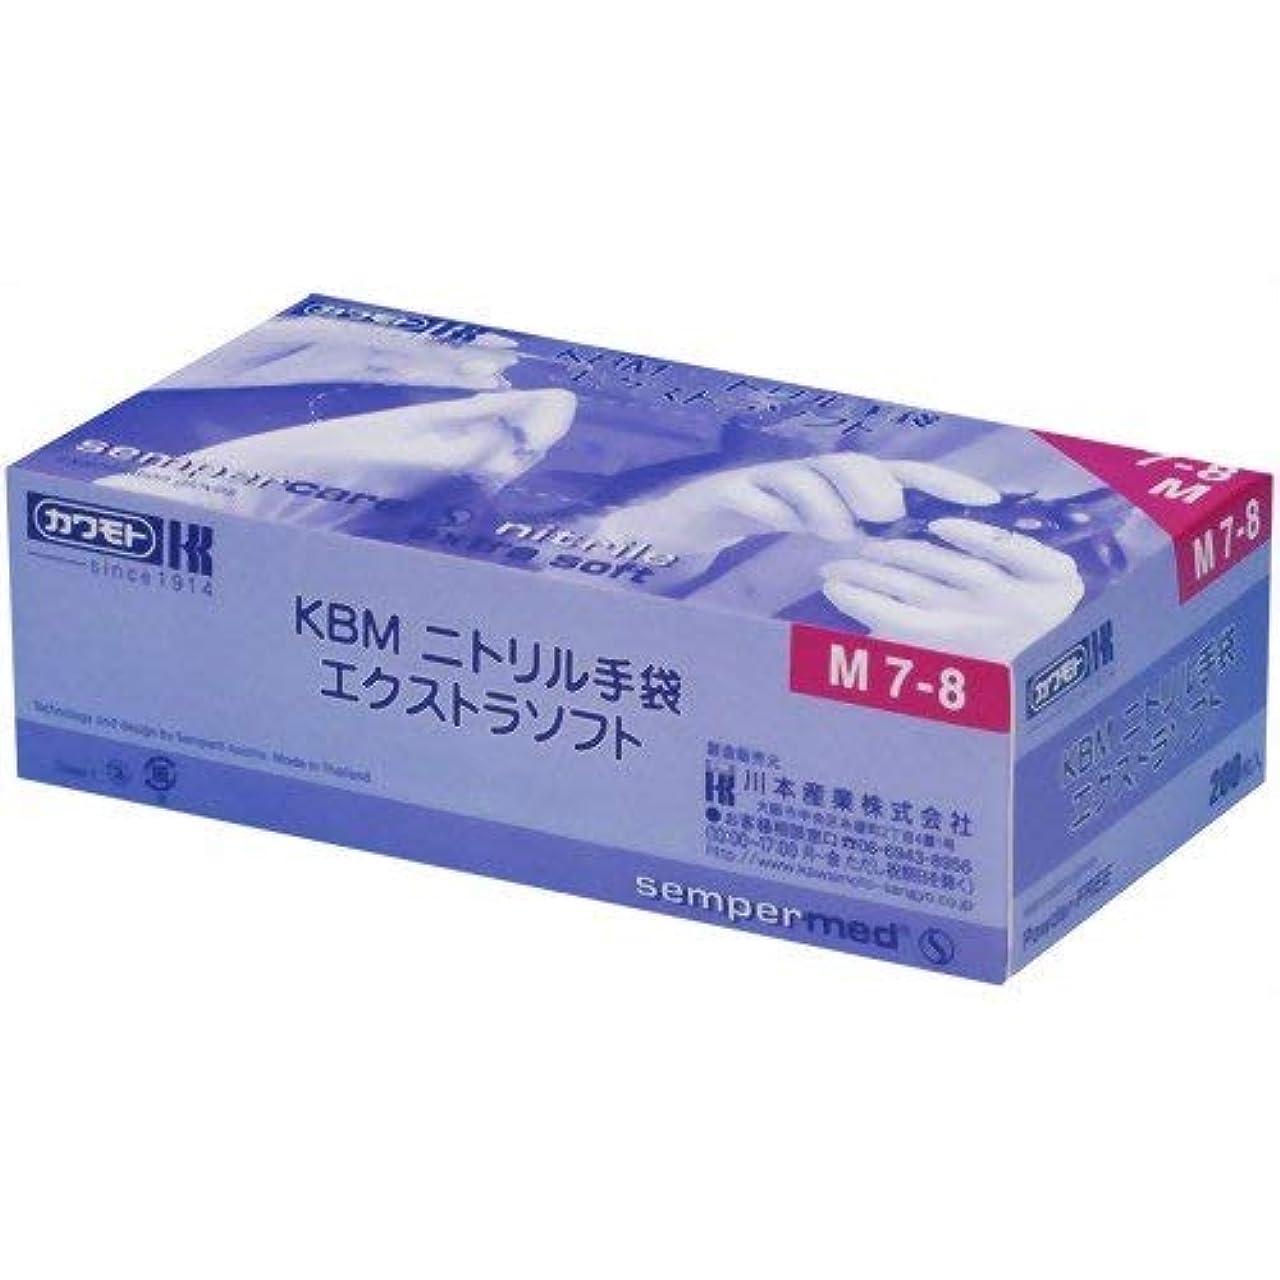 セクション説得恥ずかしさ川本産業 KBMニトリル手袋 エクストラソフト L 200枚入 × 24個セット